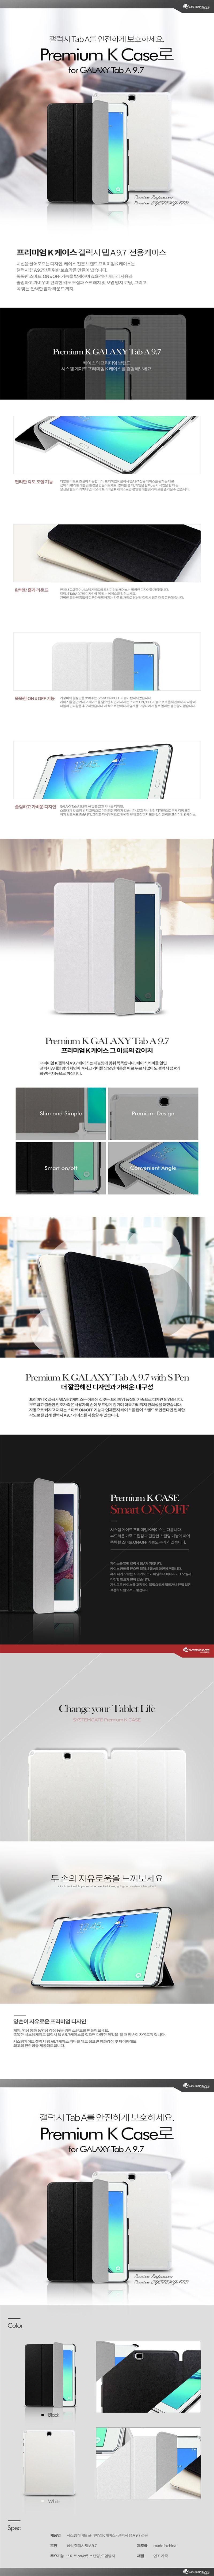 갤럭시 탭A 9.7 프리미엄 케이스 SM-T550 - 시스템게이트, 8,400원, 타블렛, 17.78cm~25.4cm